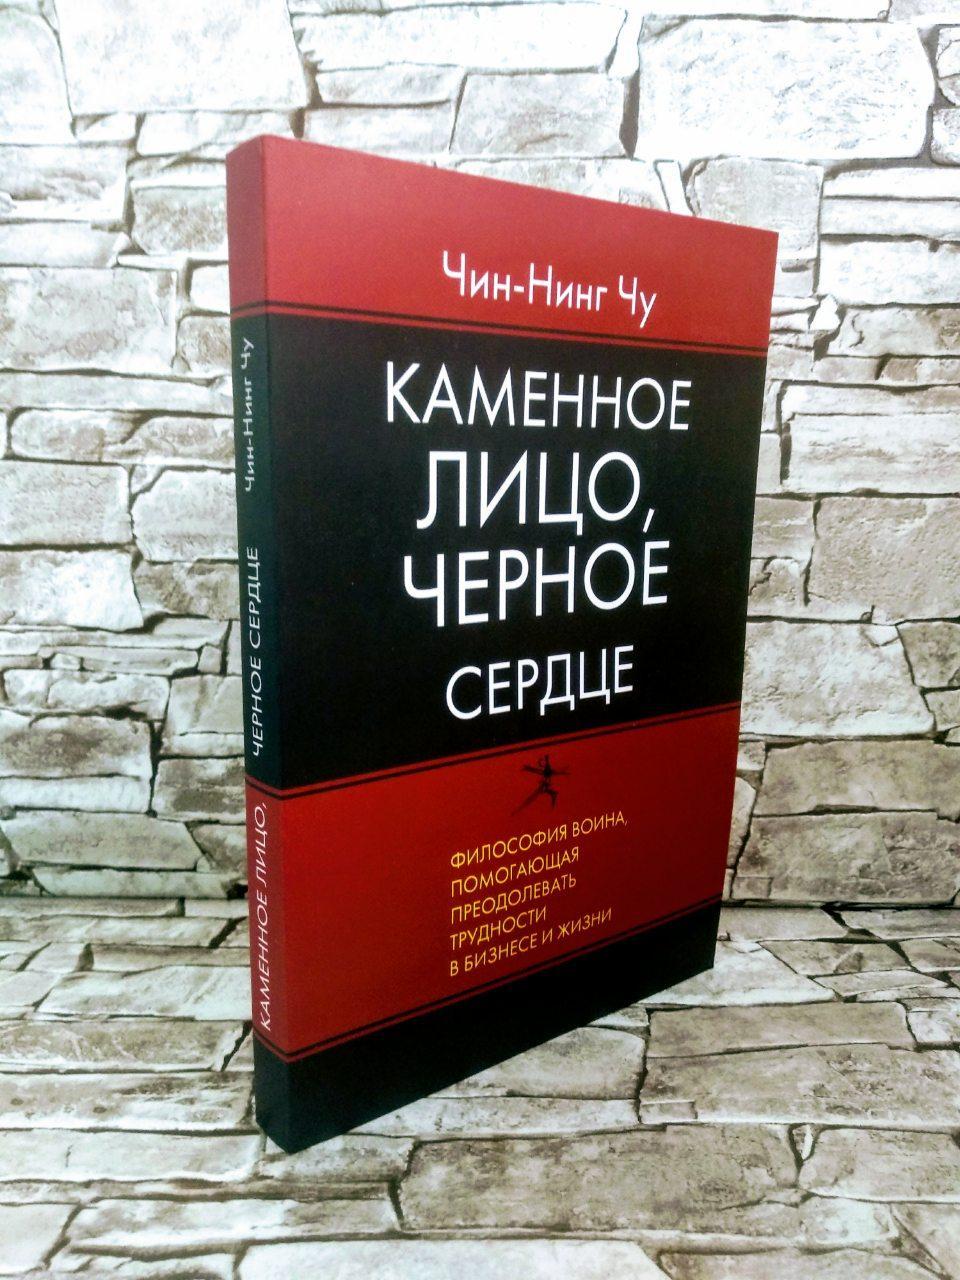 """Книга """"Каменное Лицо, Черное Сердце. Азиатская философия побед без поражений"""" Чин-Нинг Чу"""